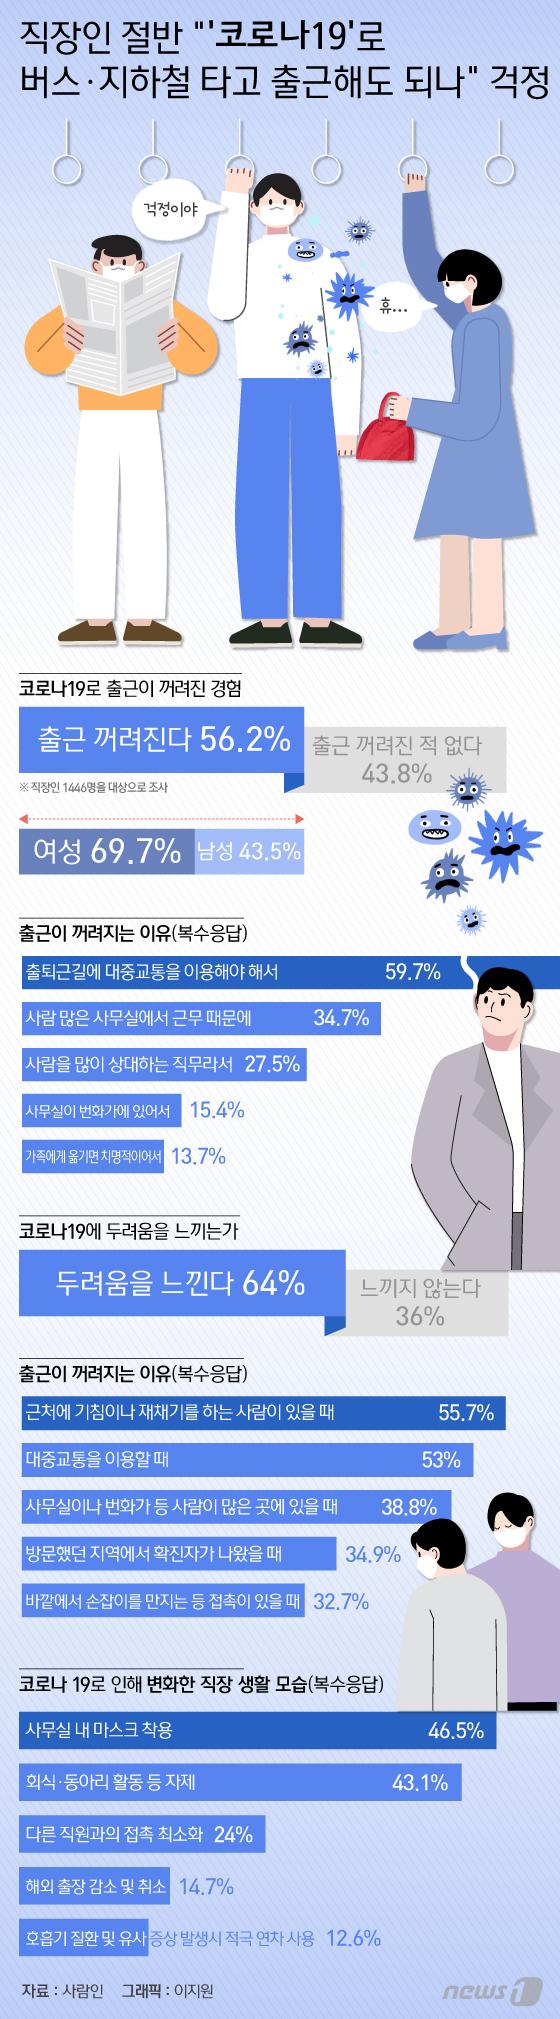 [그래픽뉴스] 직장인 절반 \'코로나19\'로 버스·지하철 타고 출근해도 되나 걱정